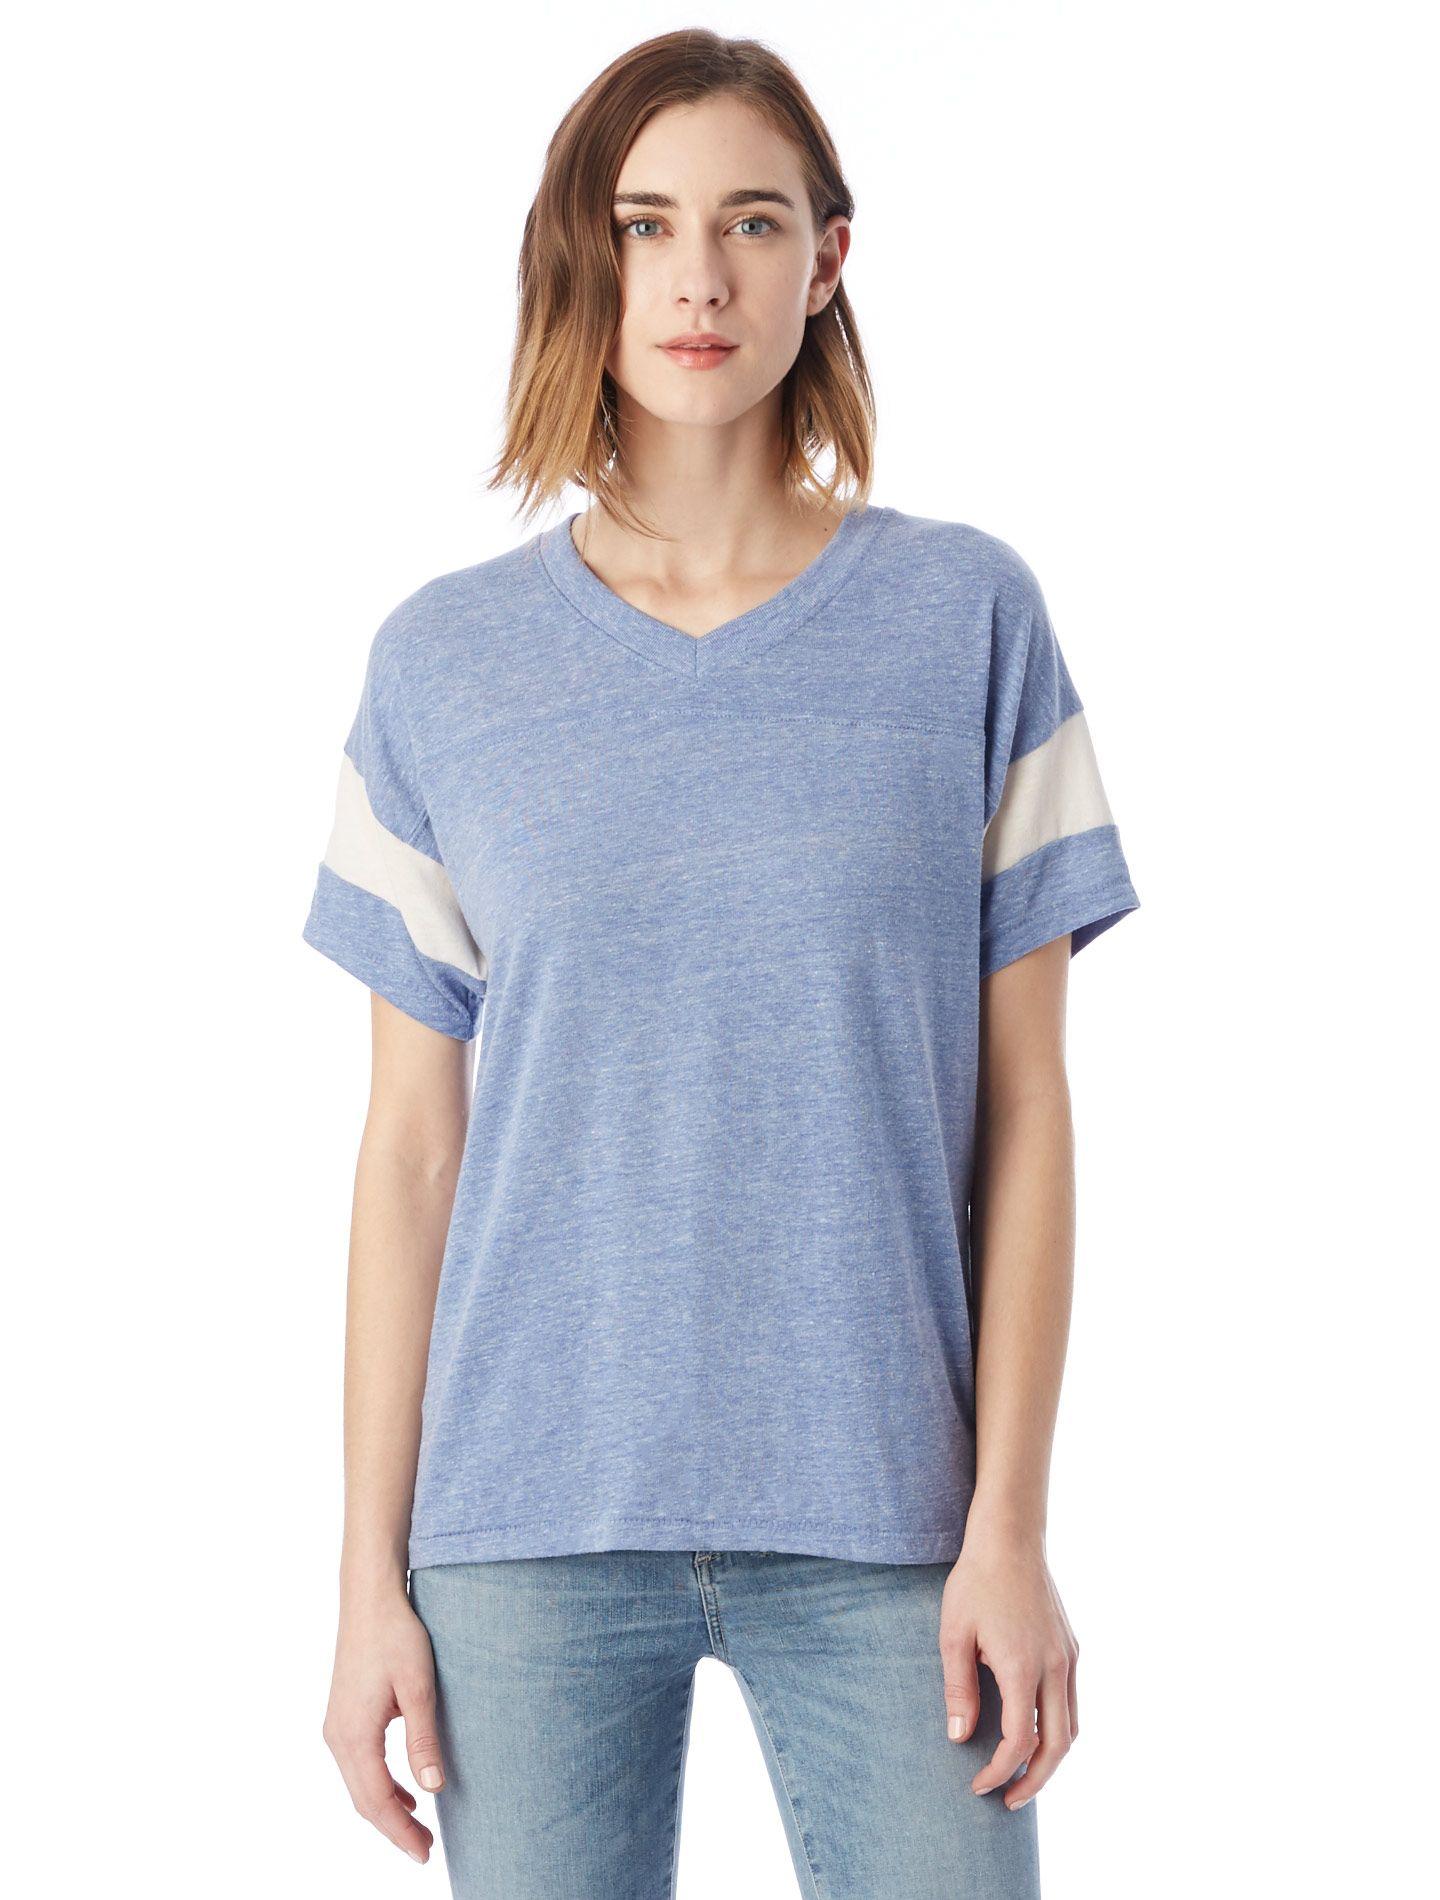 741c98381a4 Alternative Apparel: 01988E1: Women: Powder Puff Eco-Jersey T-Shirt: Eco  True Blue Fog #1